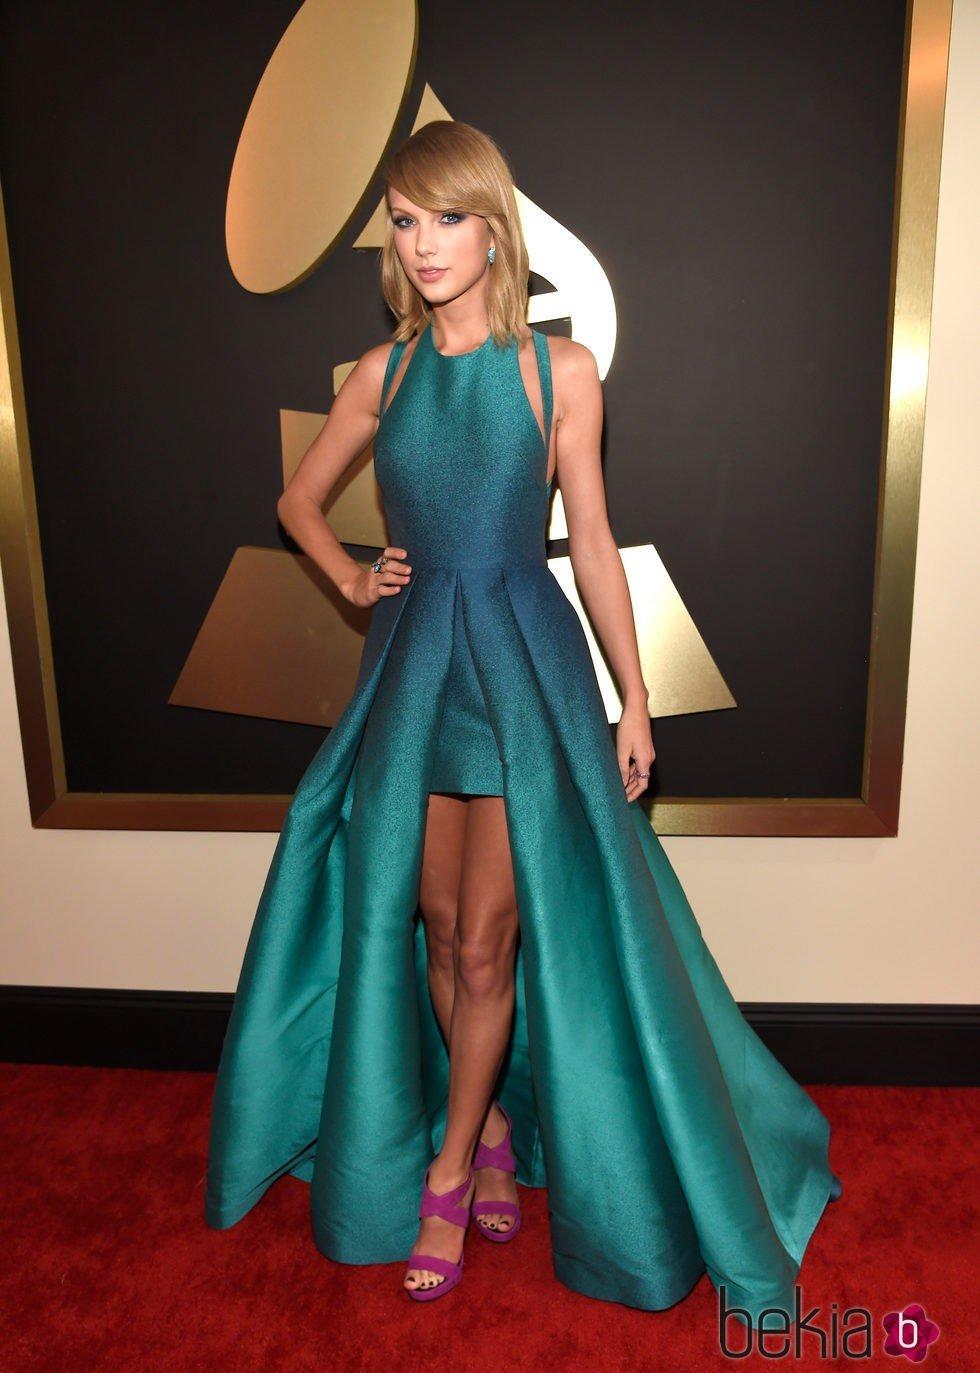 cf448eccd Anterior Taylor Swift con un vestido verde esmeralda en la alfombra roja de  los Grammy 2015